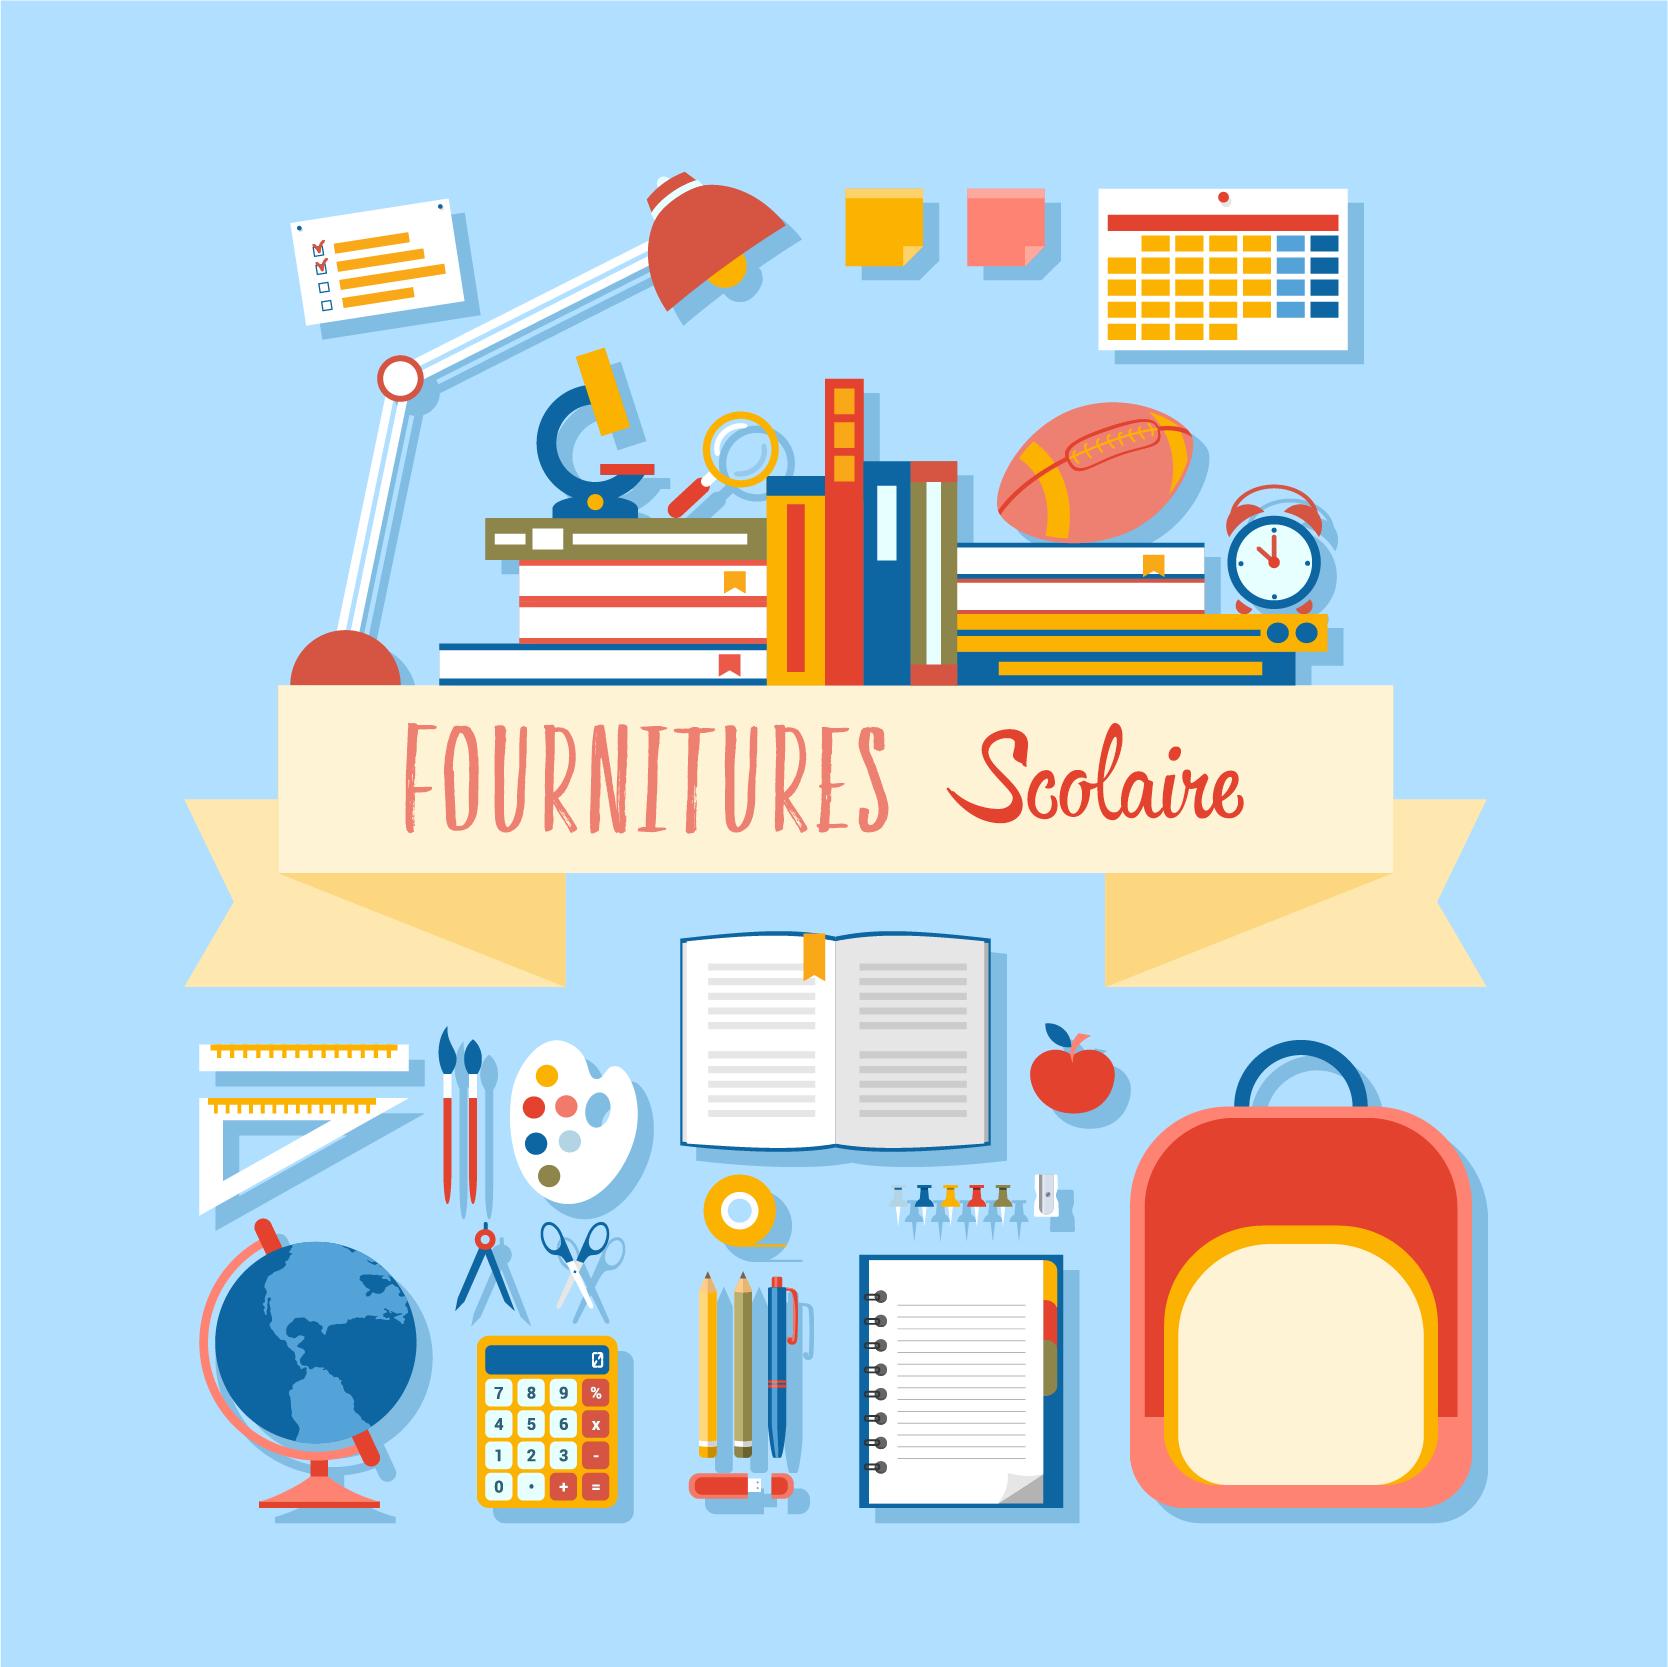 Fournitures Scolaire 2017-2018